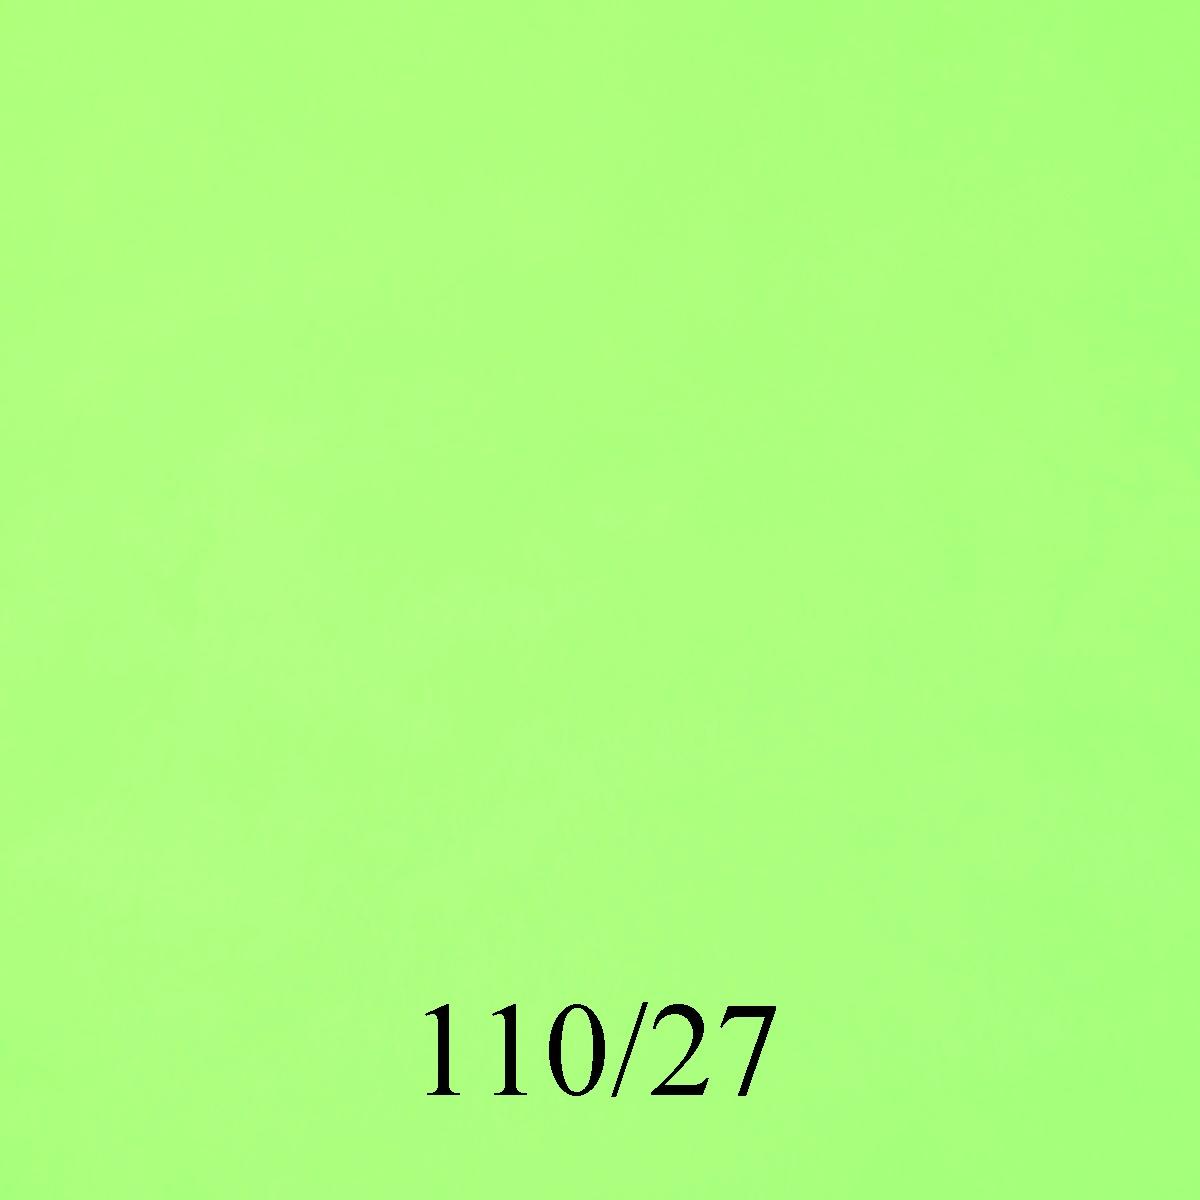 110-27 Verde fluor